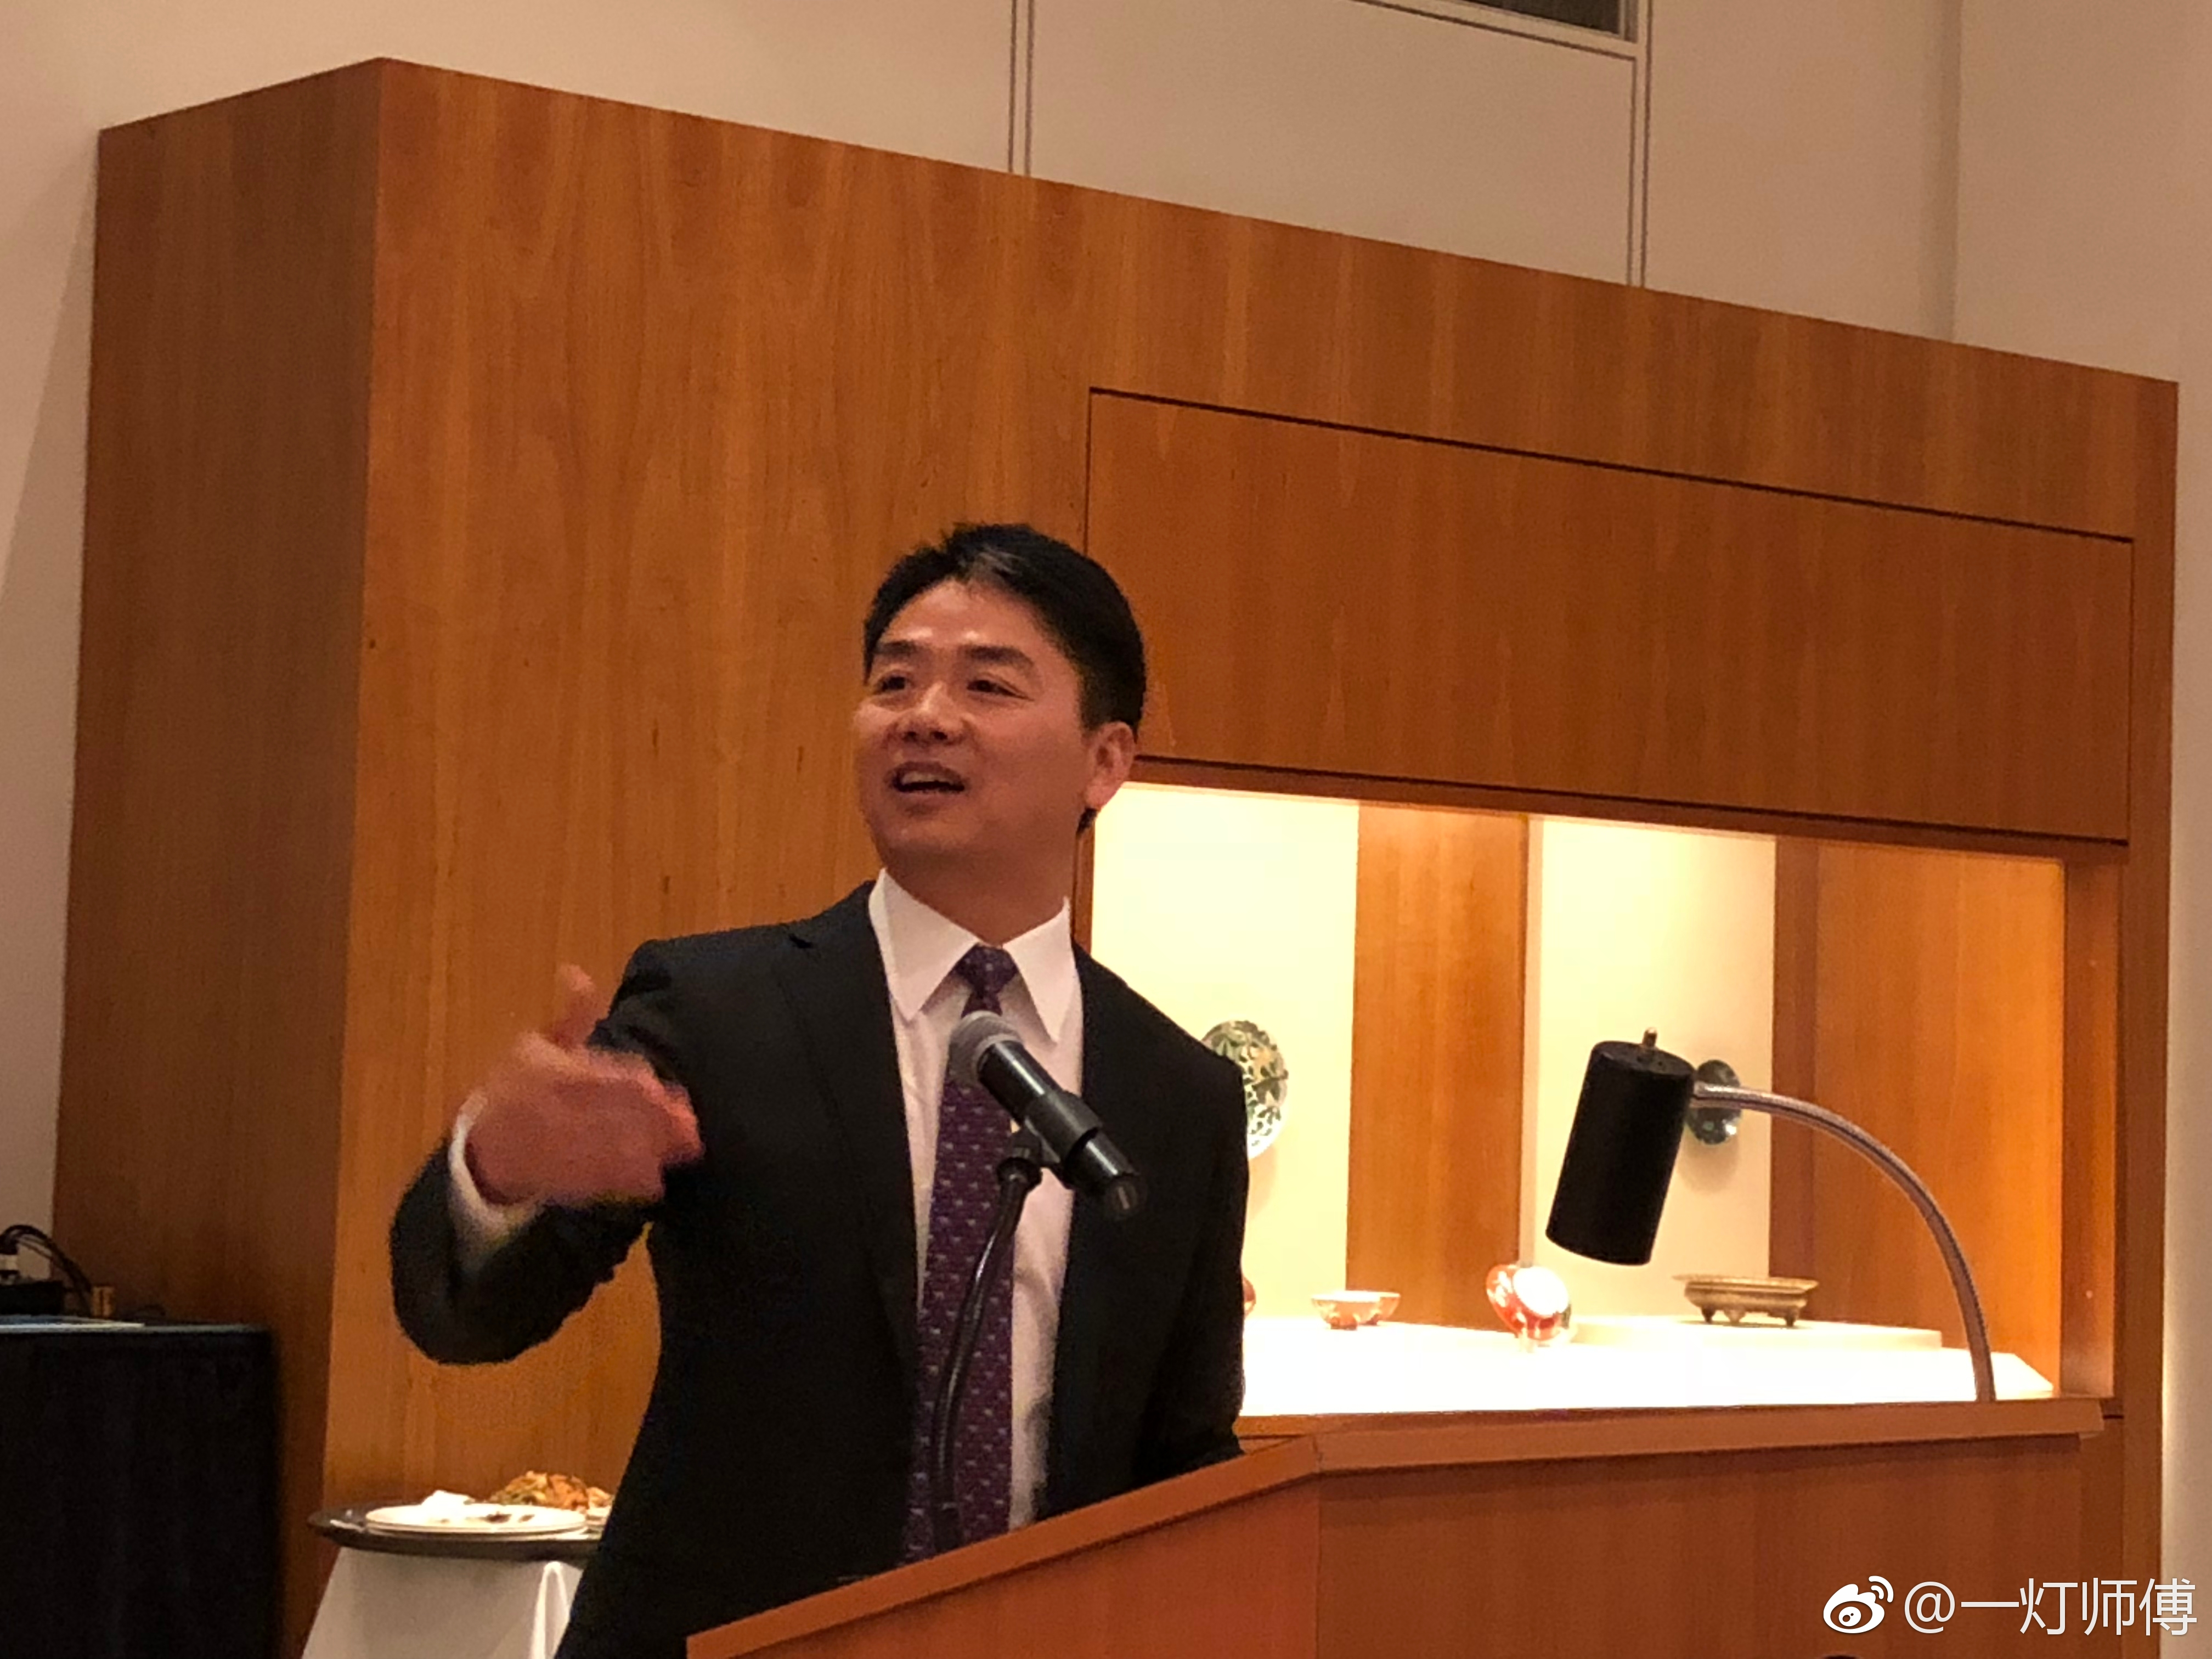 刘强东在明尼苏达大学卡尔森管理学院课的活动上讲话。图自微博